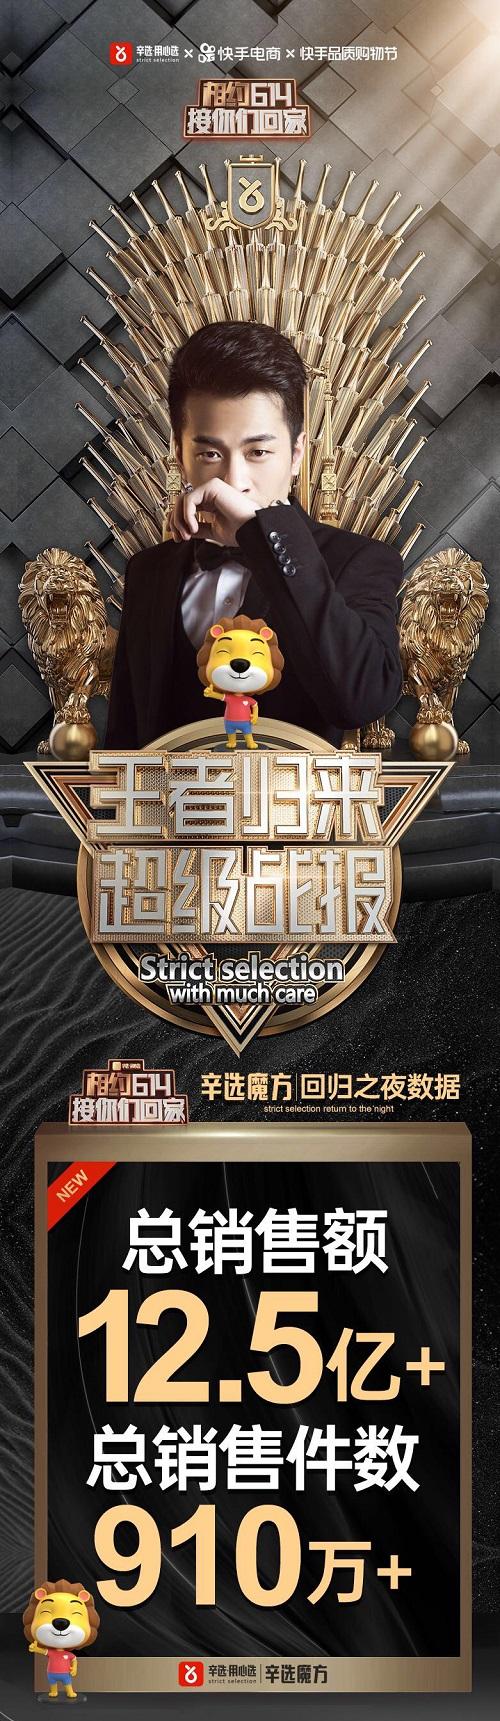 直播新纪录!辛巴辛有志回归首播GMV破12.5亿